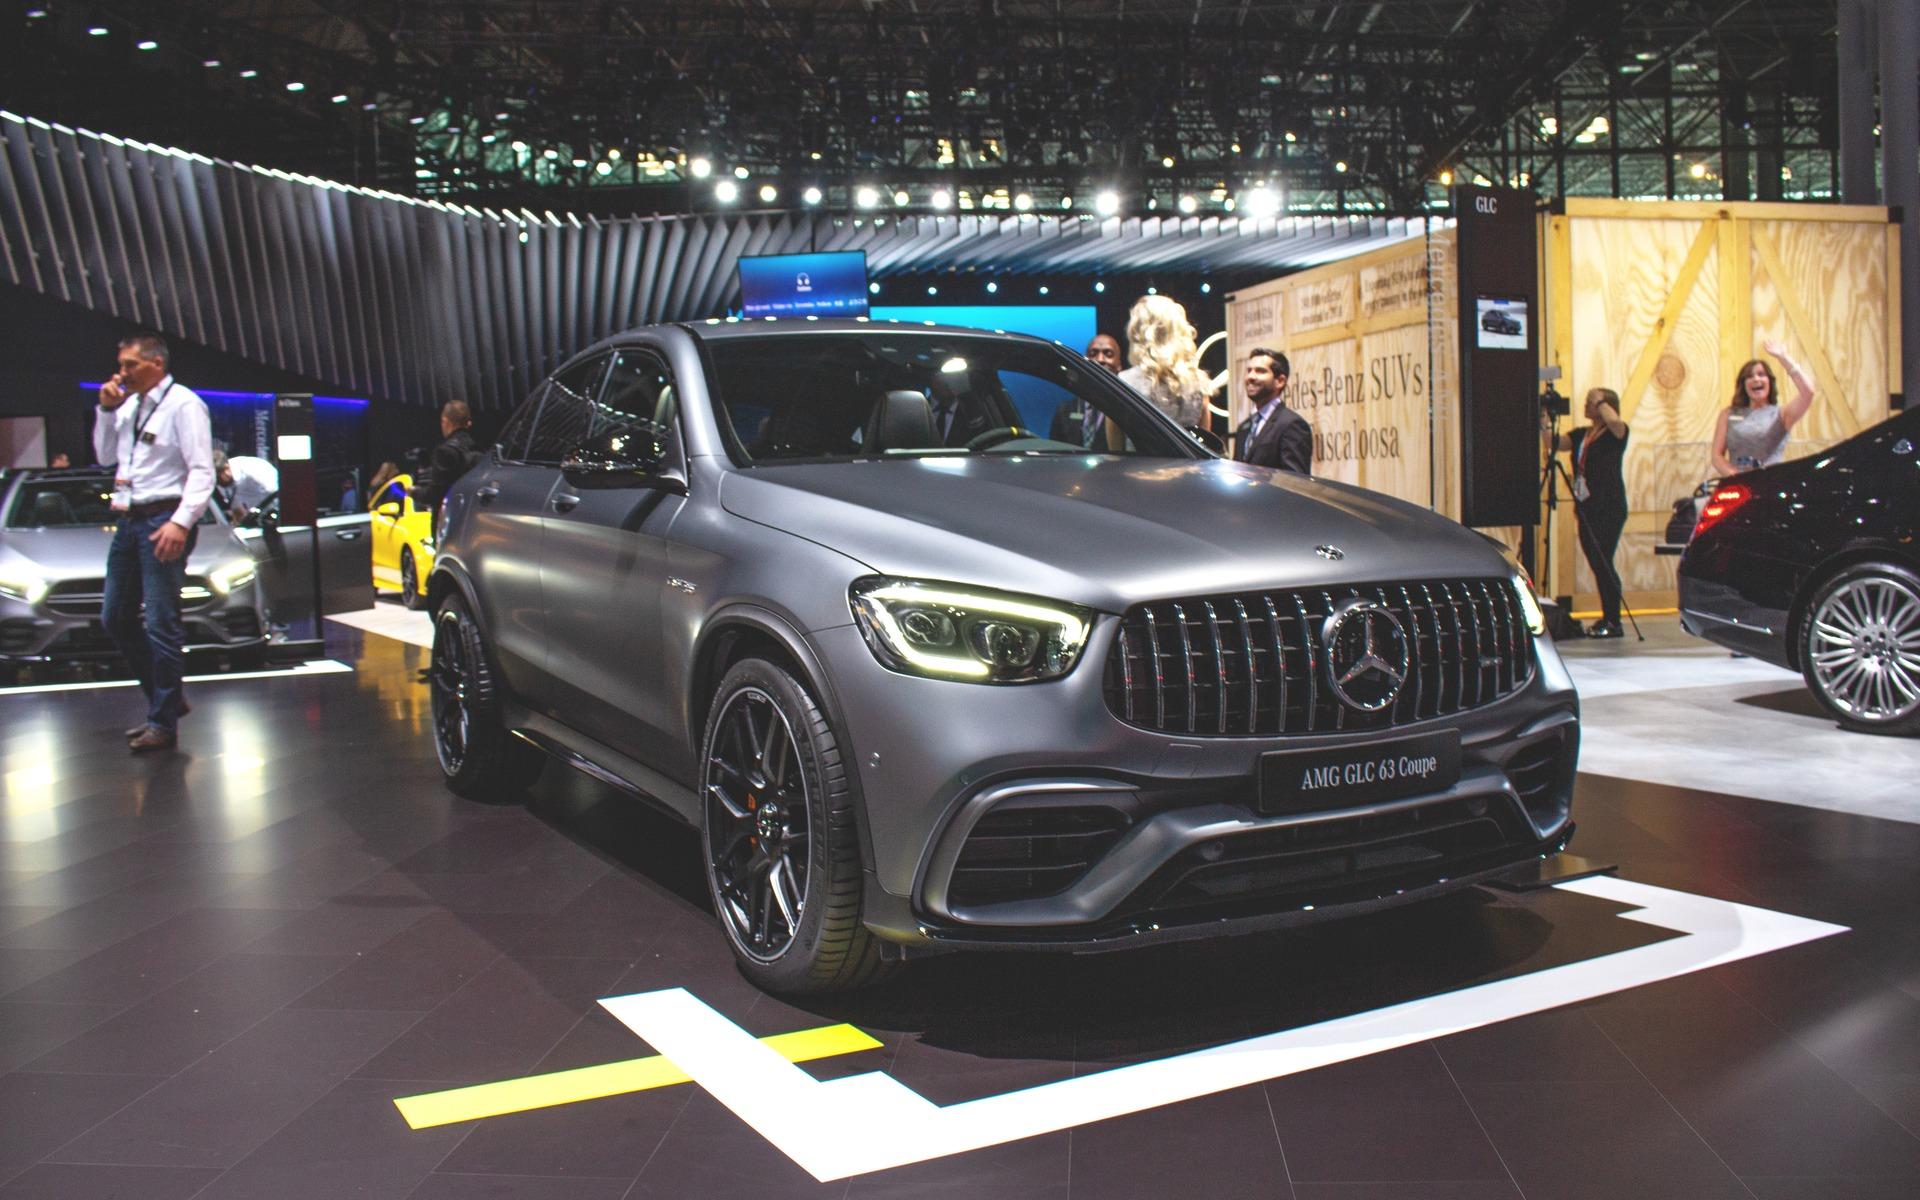 Le Mercedes Amg Glc 63 S 4matic 2020 Presente Au Salon De L Auto De New York Guide Auto